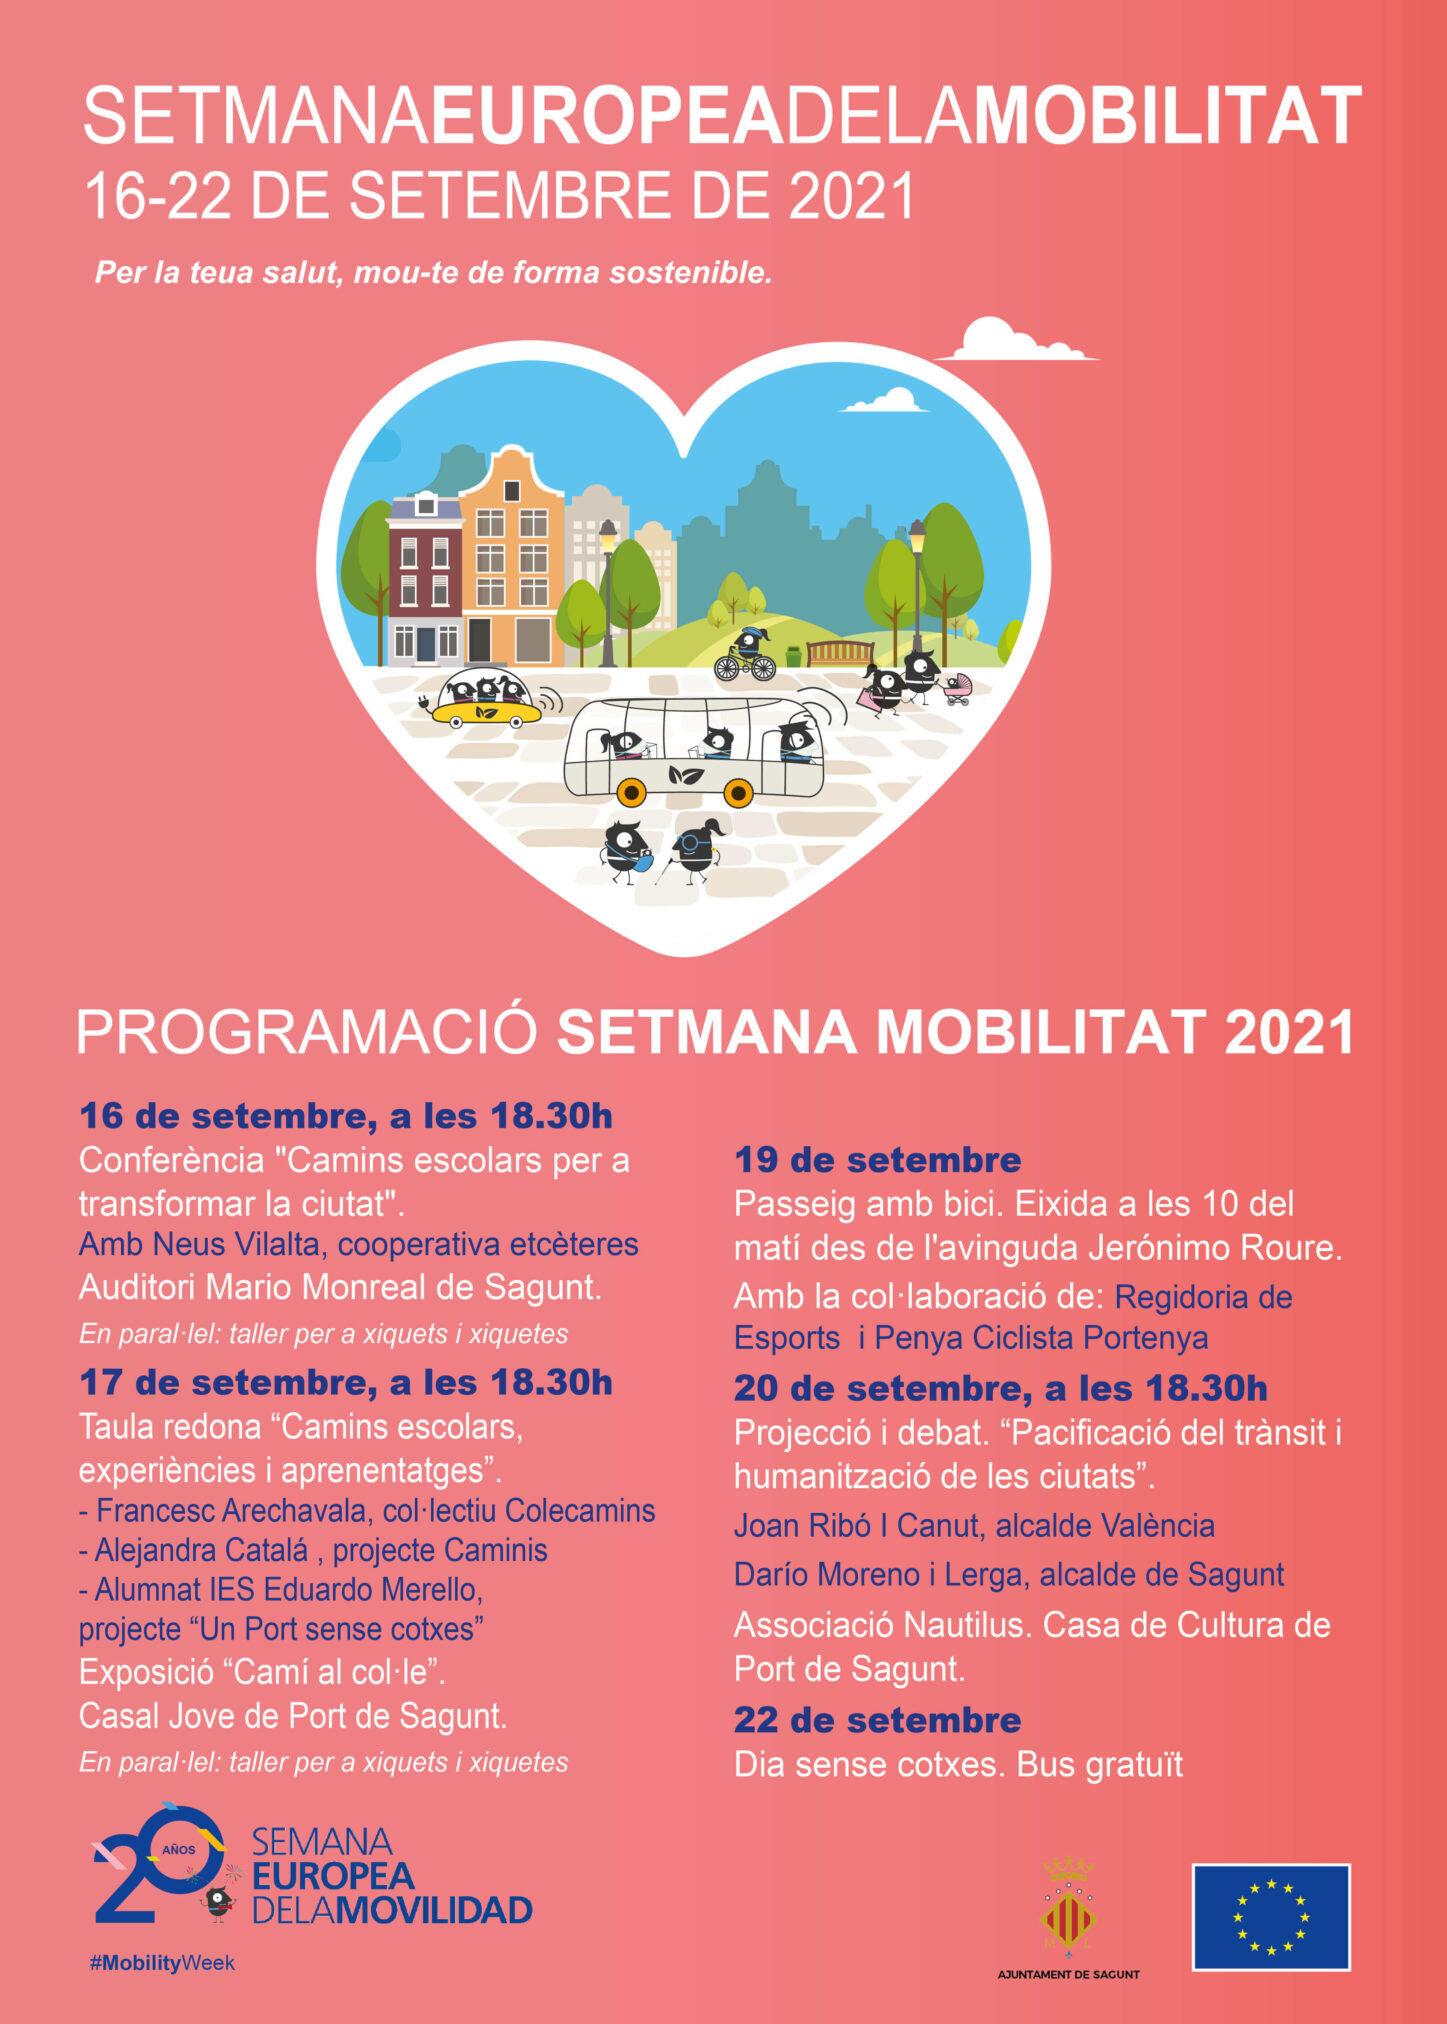 Camí escolar espai amic a la Setmana Europea de la Mobilitat